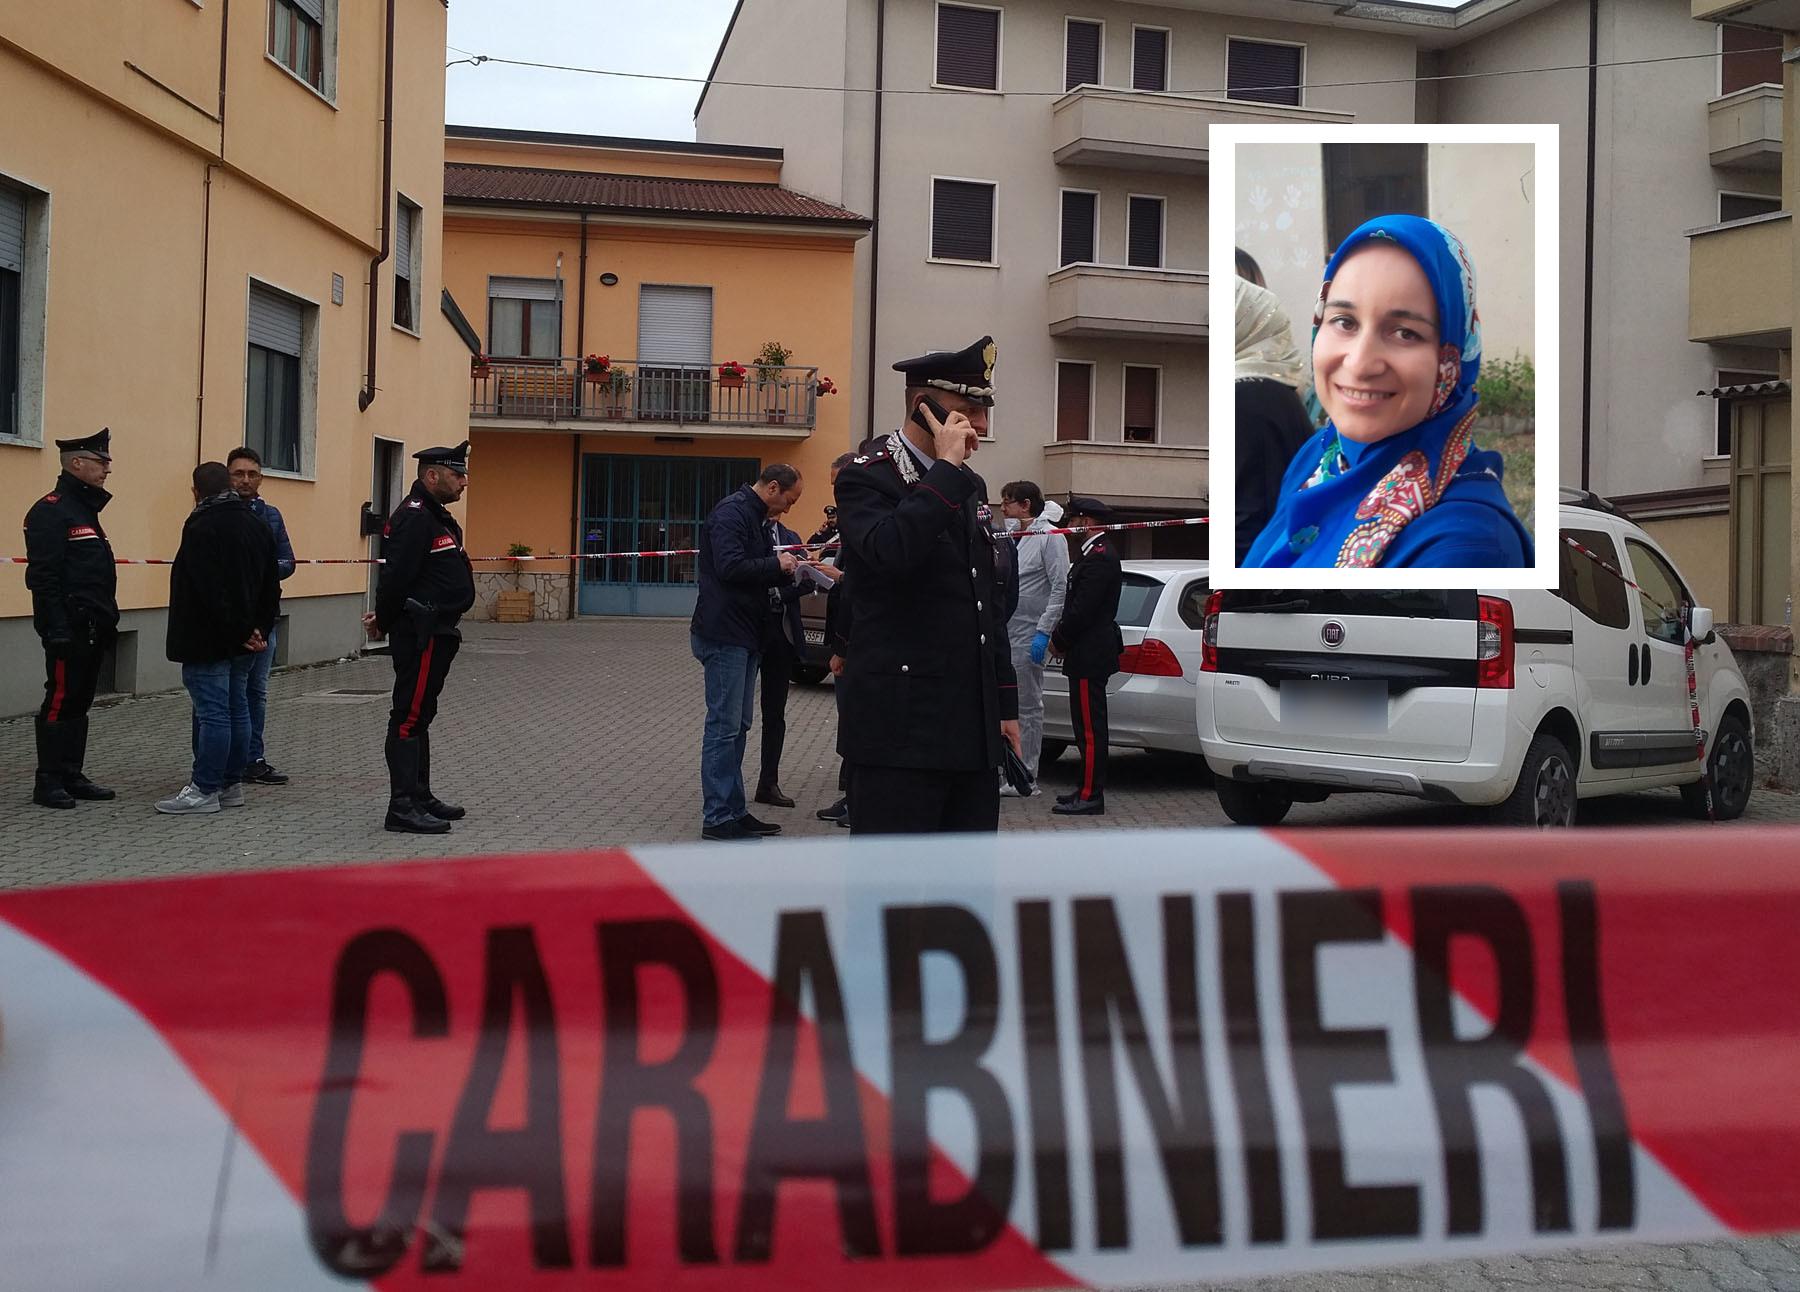 Omicidio di Damia: domani la richiesta di trasferimento del marito al carcere di Piacenza